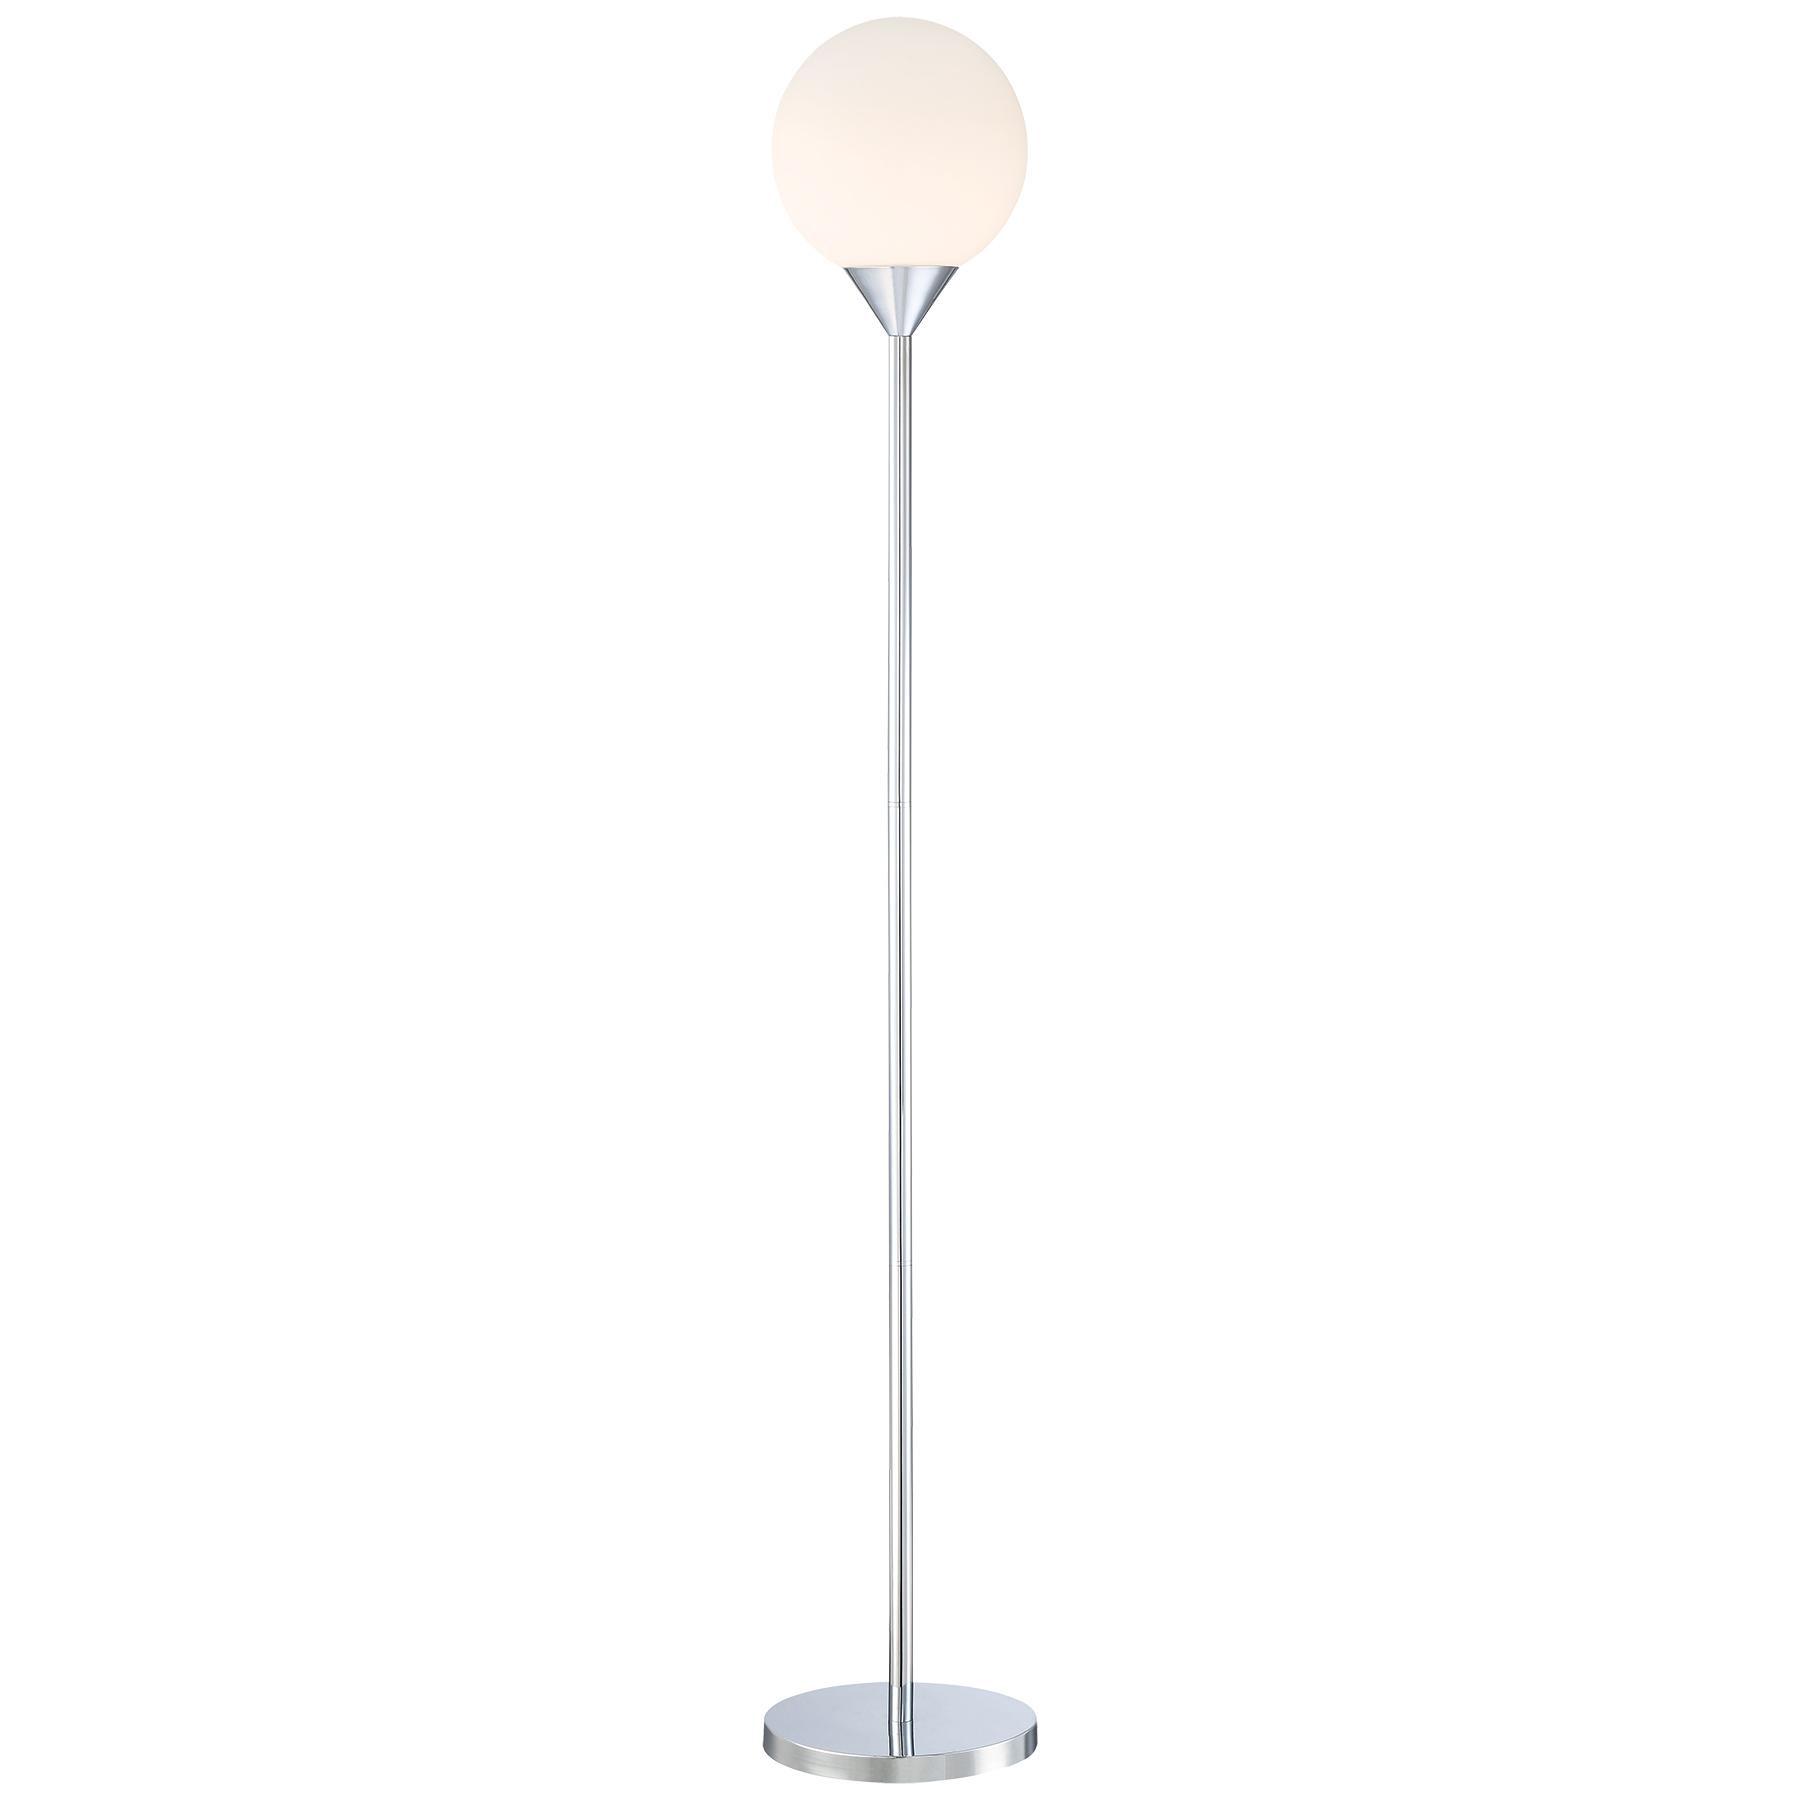 Floor lamp by george kovacs p1831 3 077 simple floor lamp by george kovacs p1831 3 077 aloadofball Images